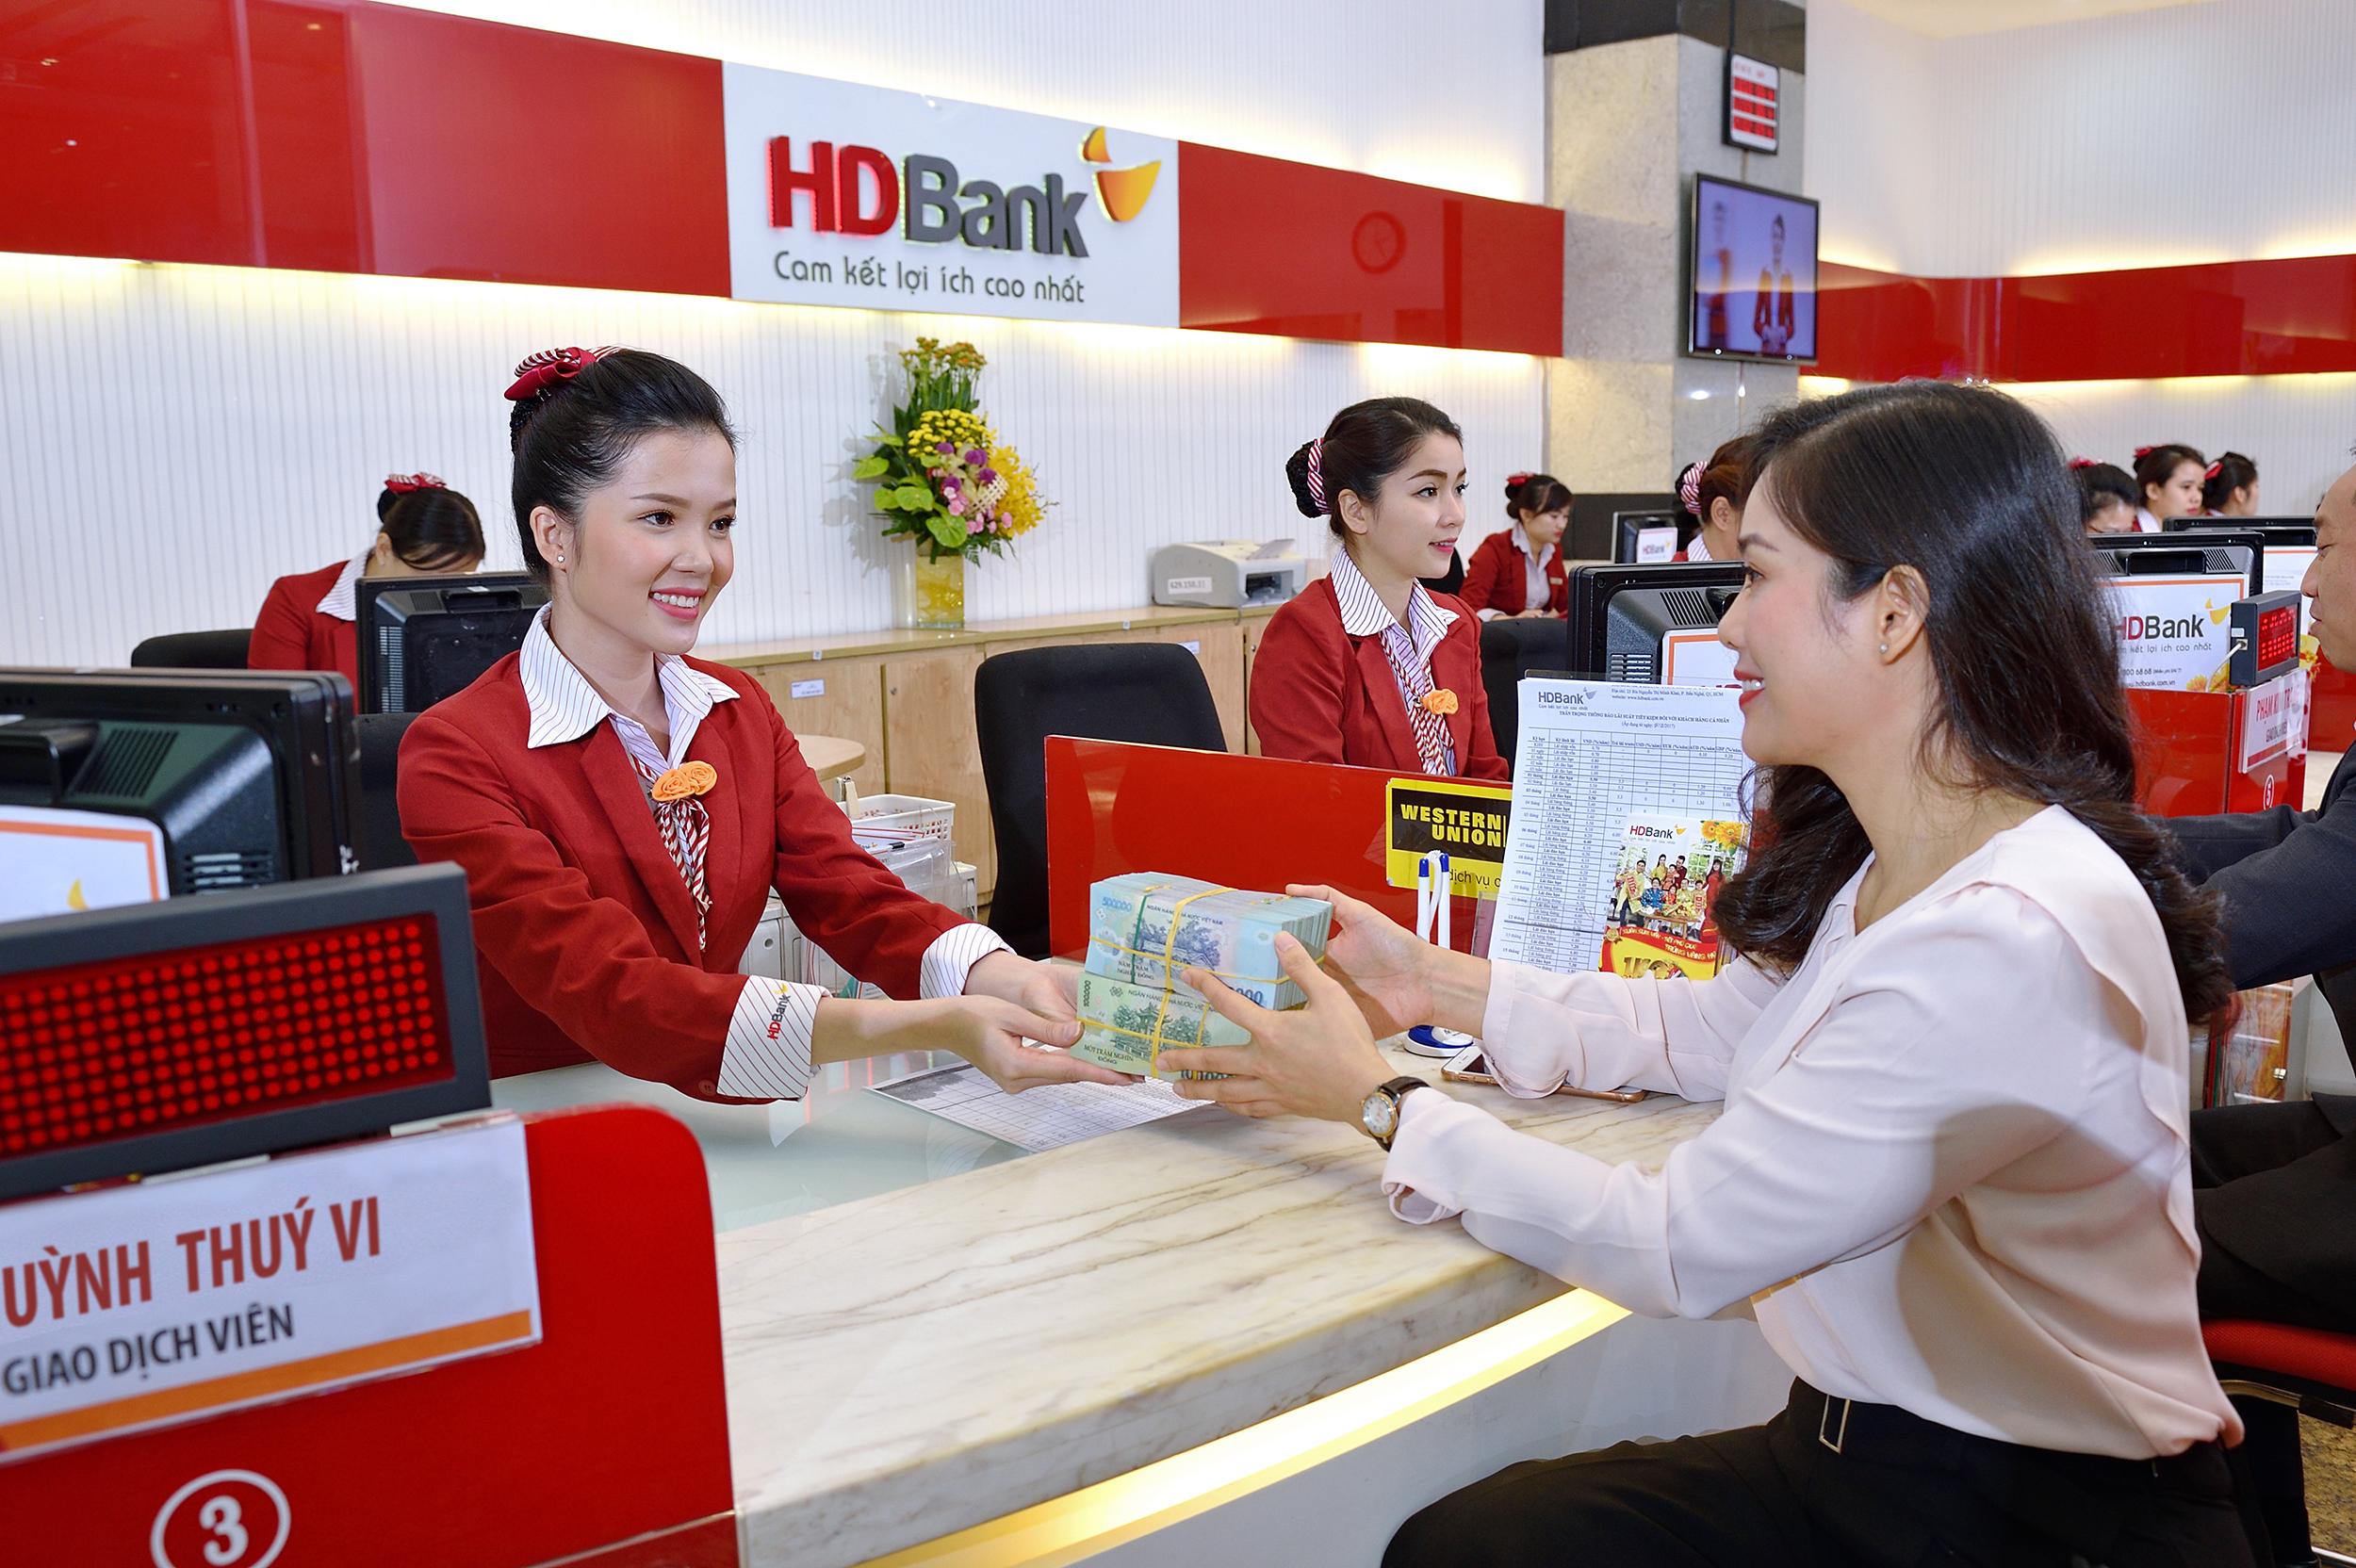 HDBank báo lãi 2.211 tỷ đồng, nợ xấu ngân hàng dưới 1%  - Ảnh 1